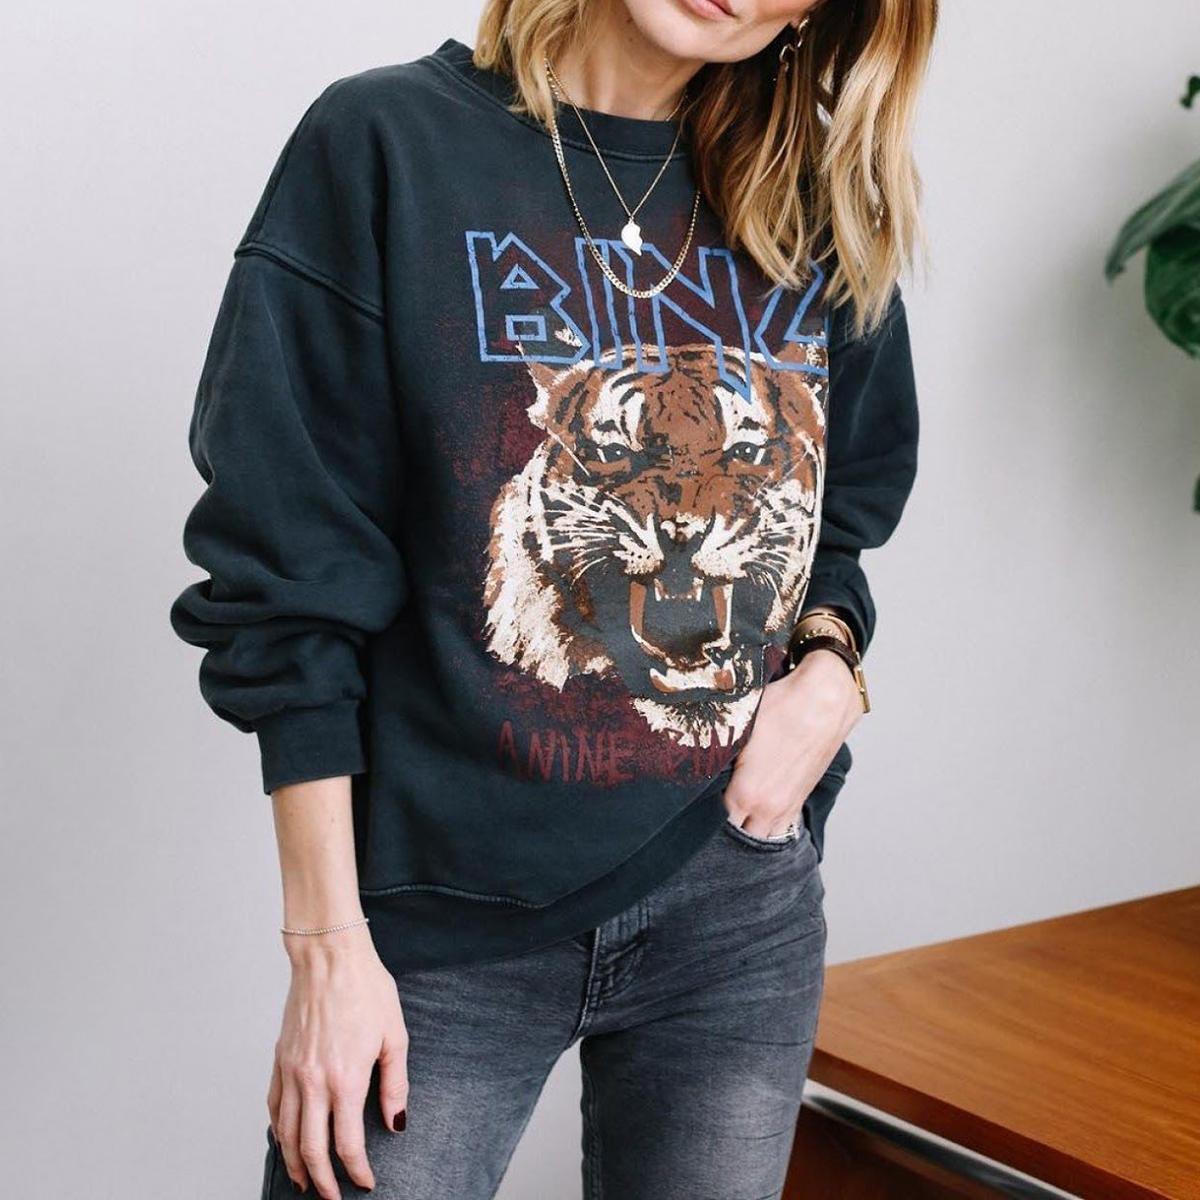 Cópia do tigre Vintage camisola com capuz Mulheres 100% Algodão All-jogo manga comprida Outono Hoodies 2020 preto solto Streetwear Tops T200729